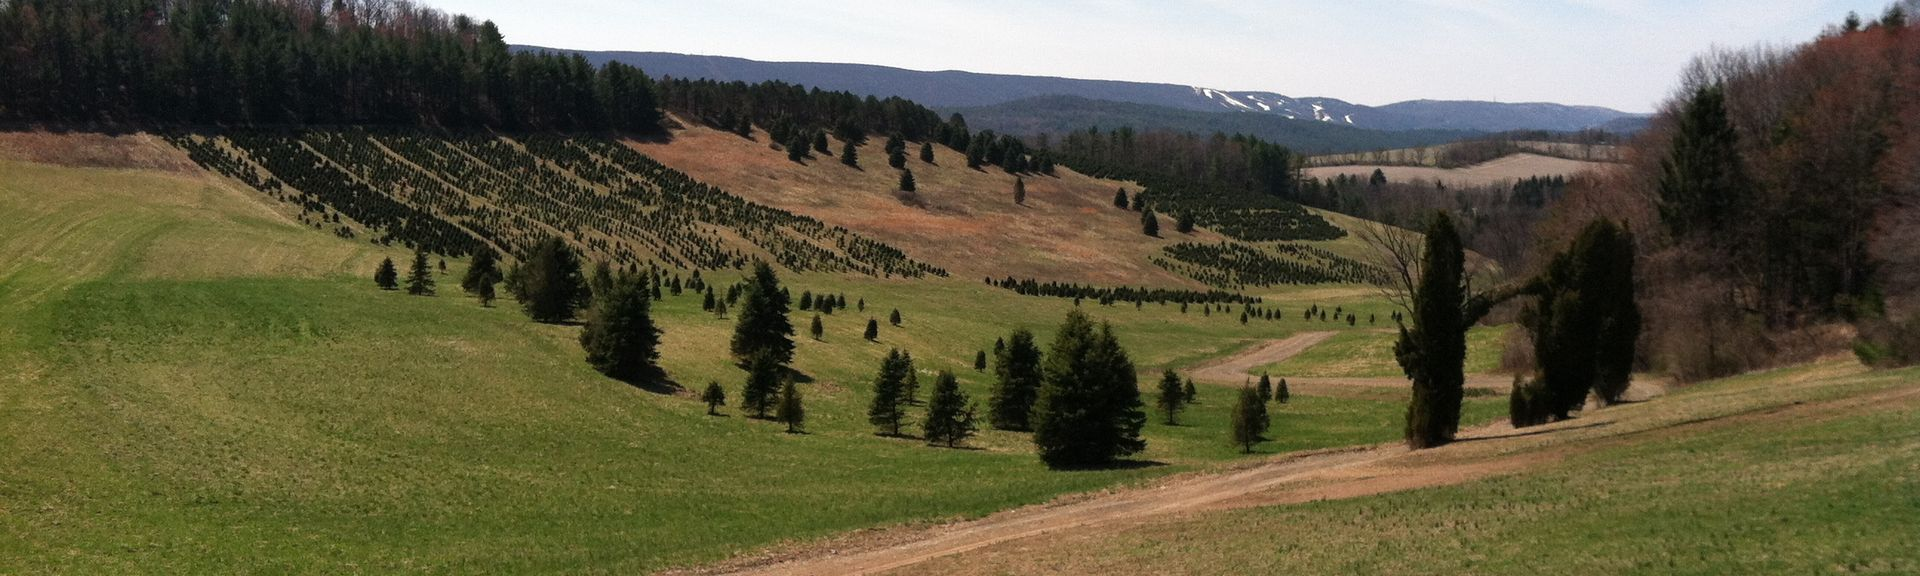 Blue Mountain Ski Area, Kunkletown, Pennsylvania, United States of America